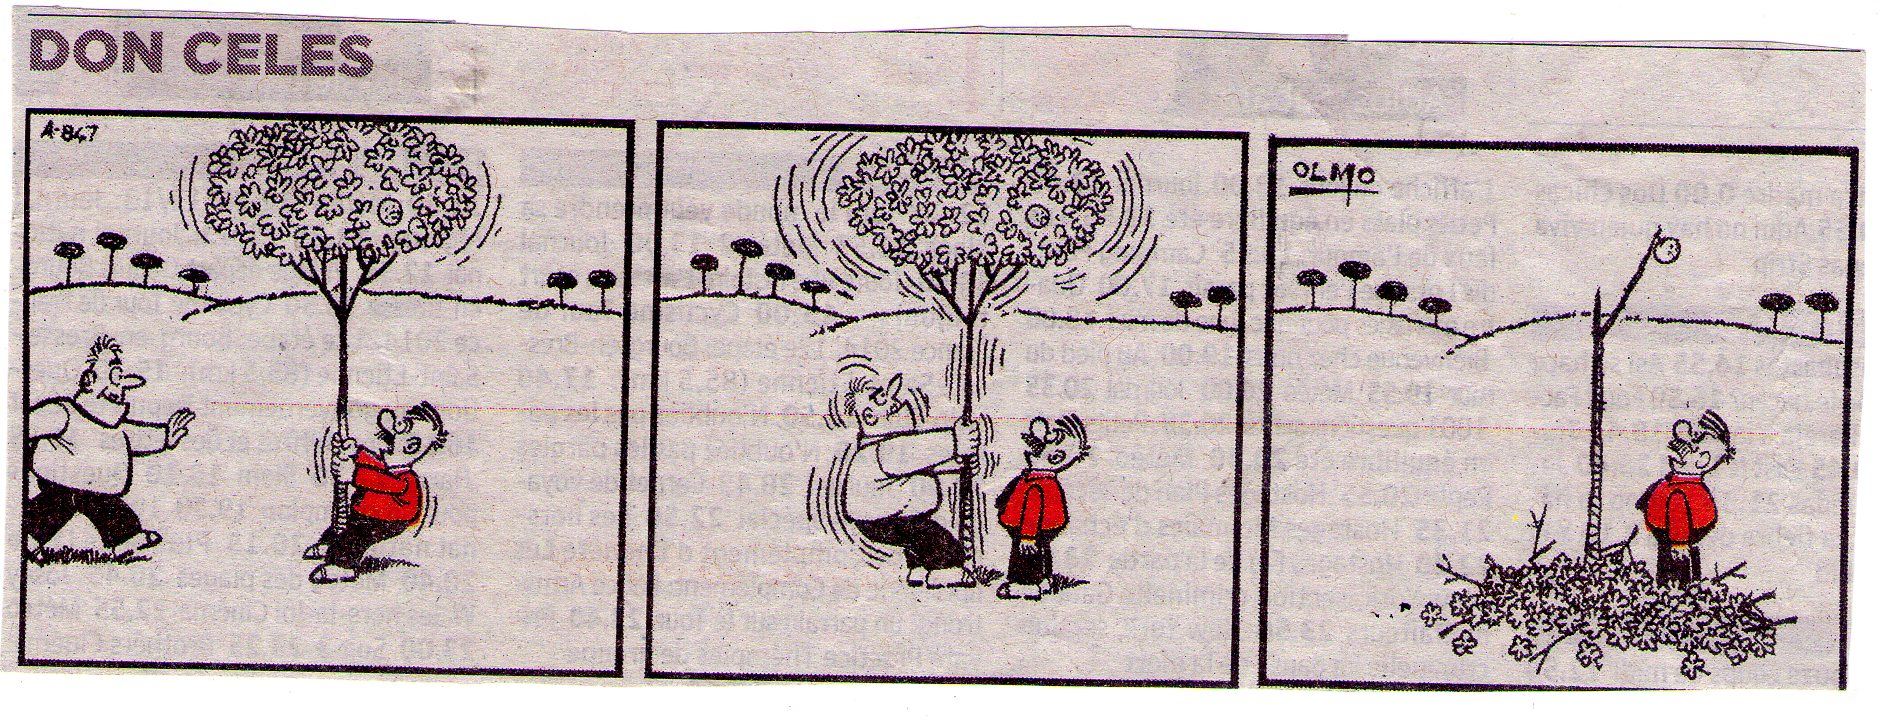 Don Celes es ayudado a zarandear un árbol